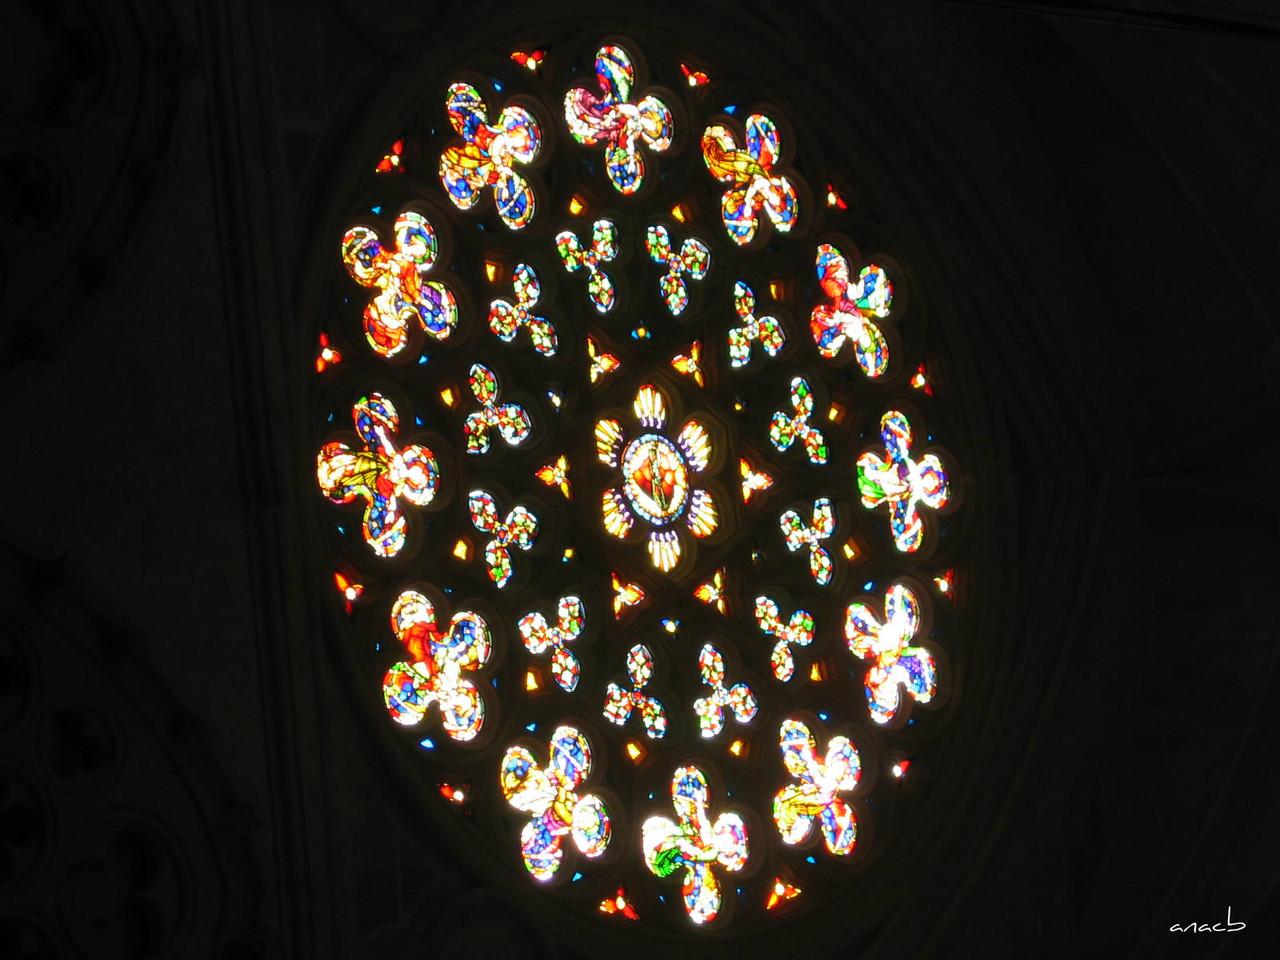 ao acaso #1 vitral da Catedral de Burgos, em Espan